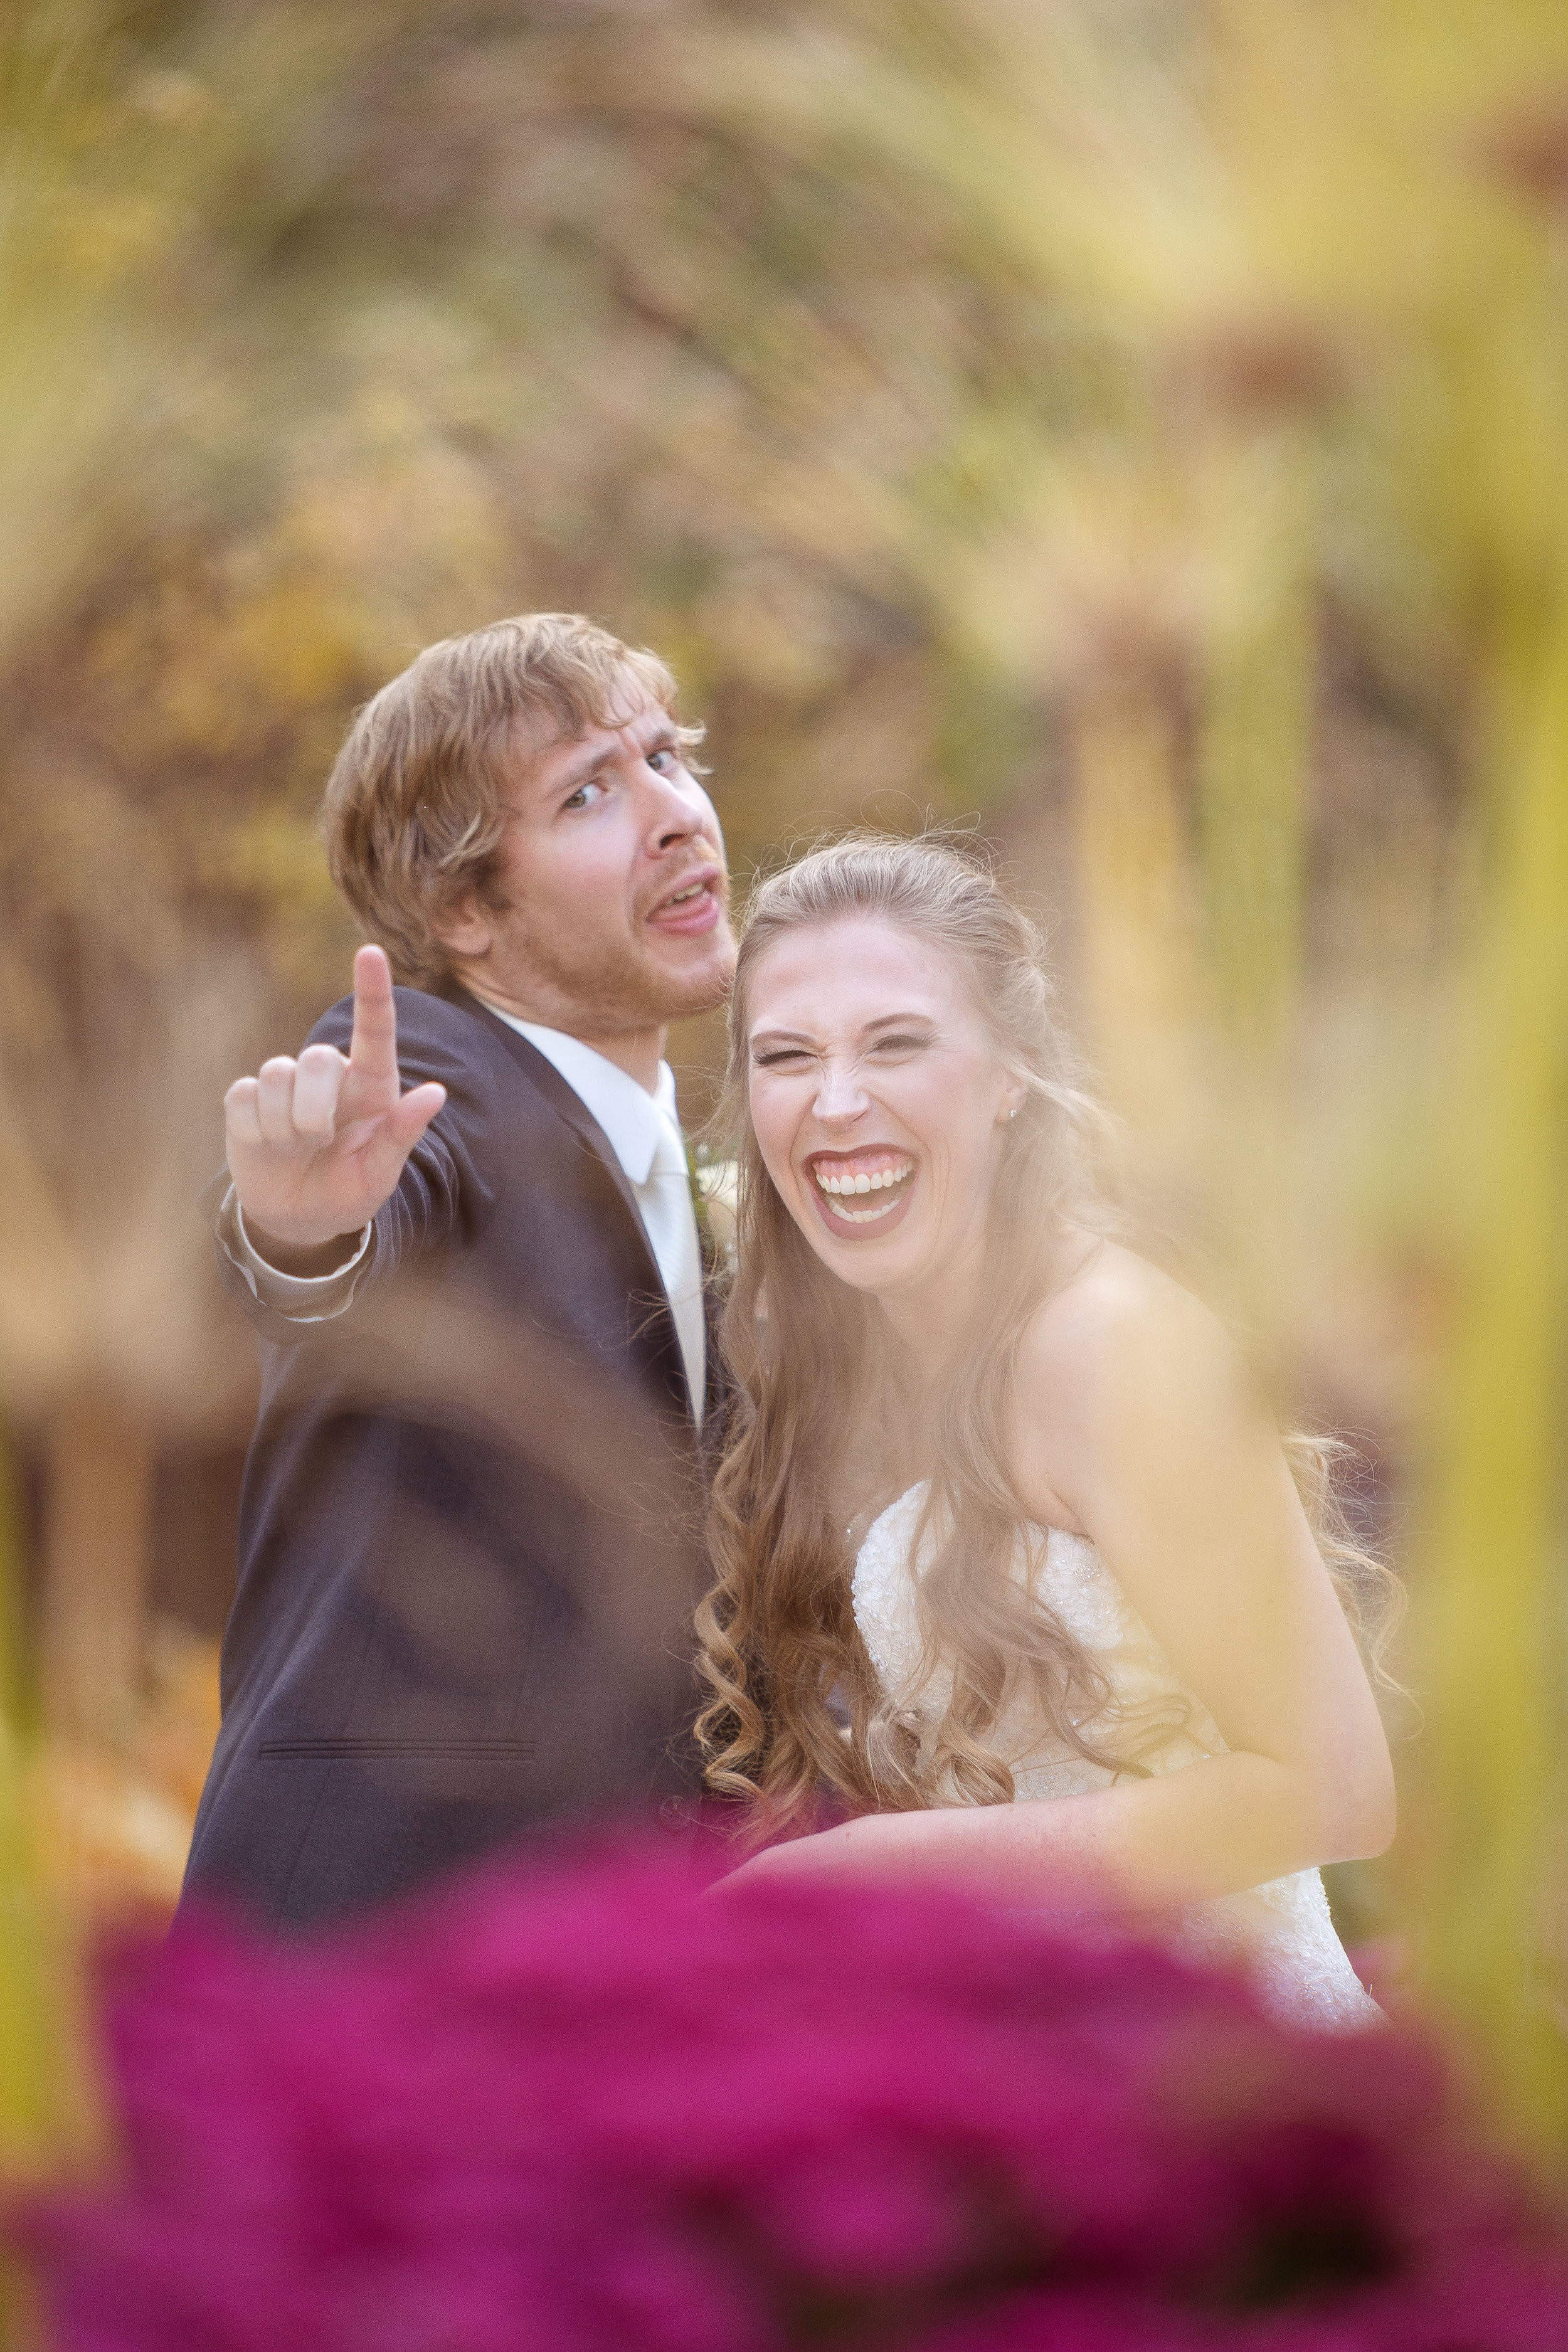 C_Wedding_Spellman, Megan & Tyler_10.27.18-672.JPG